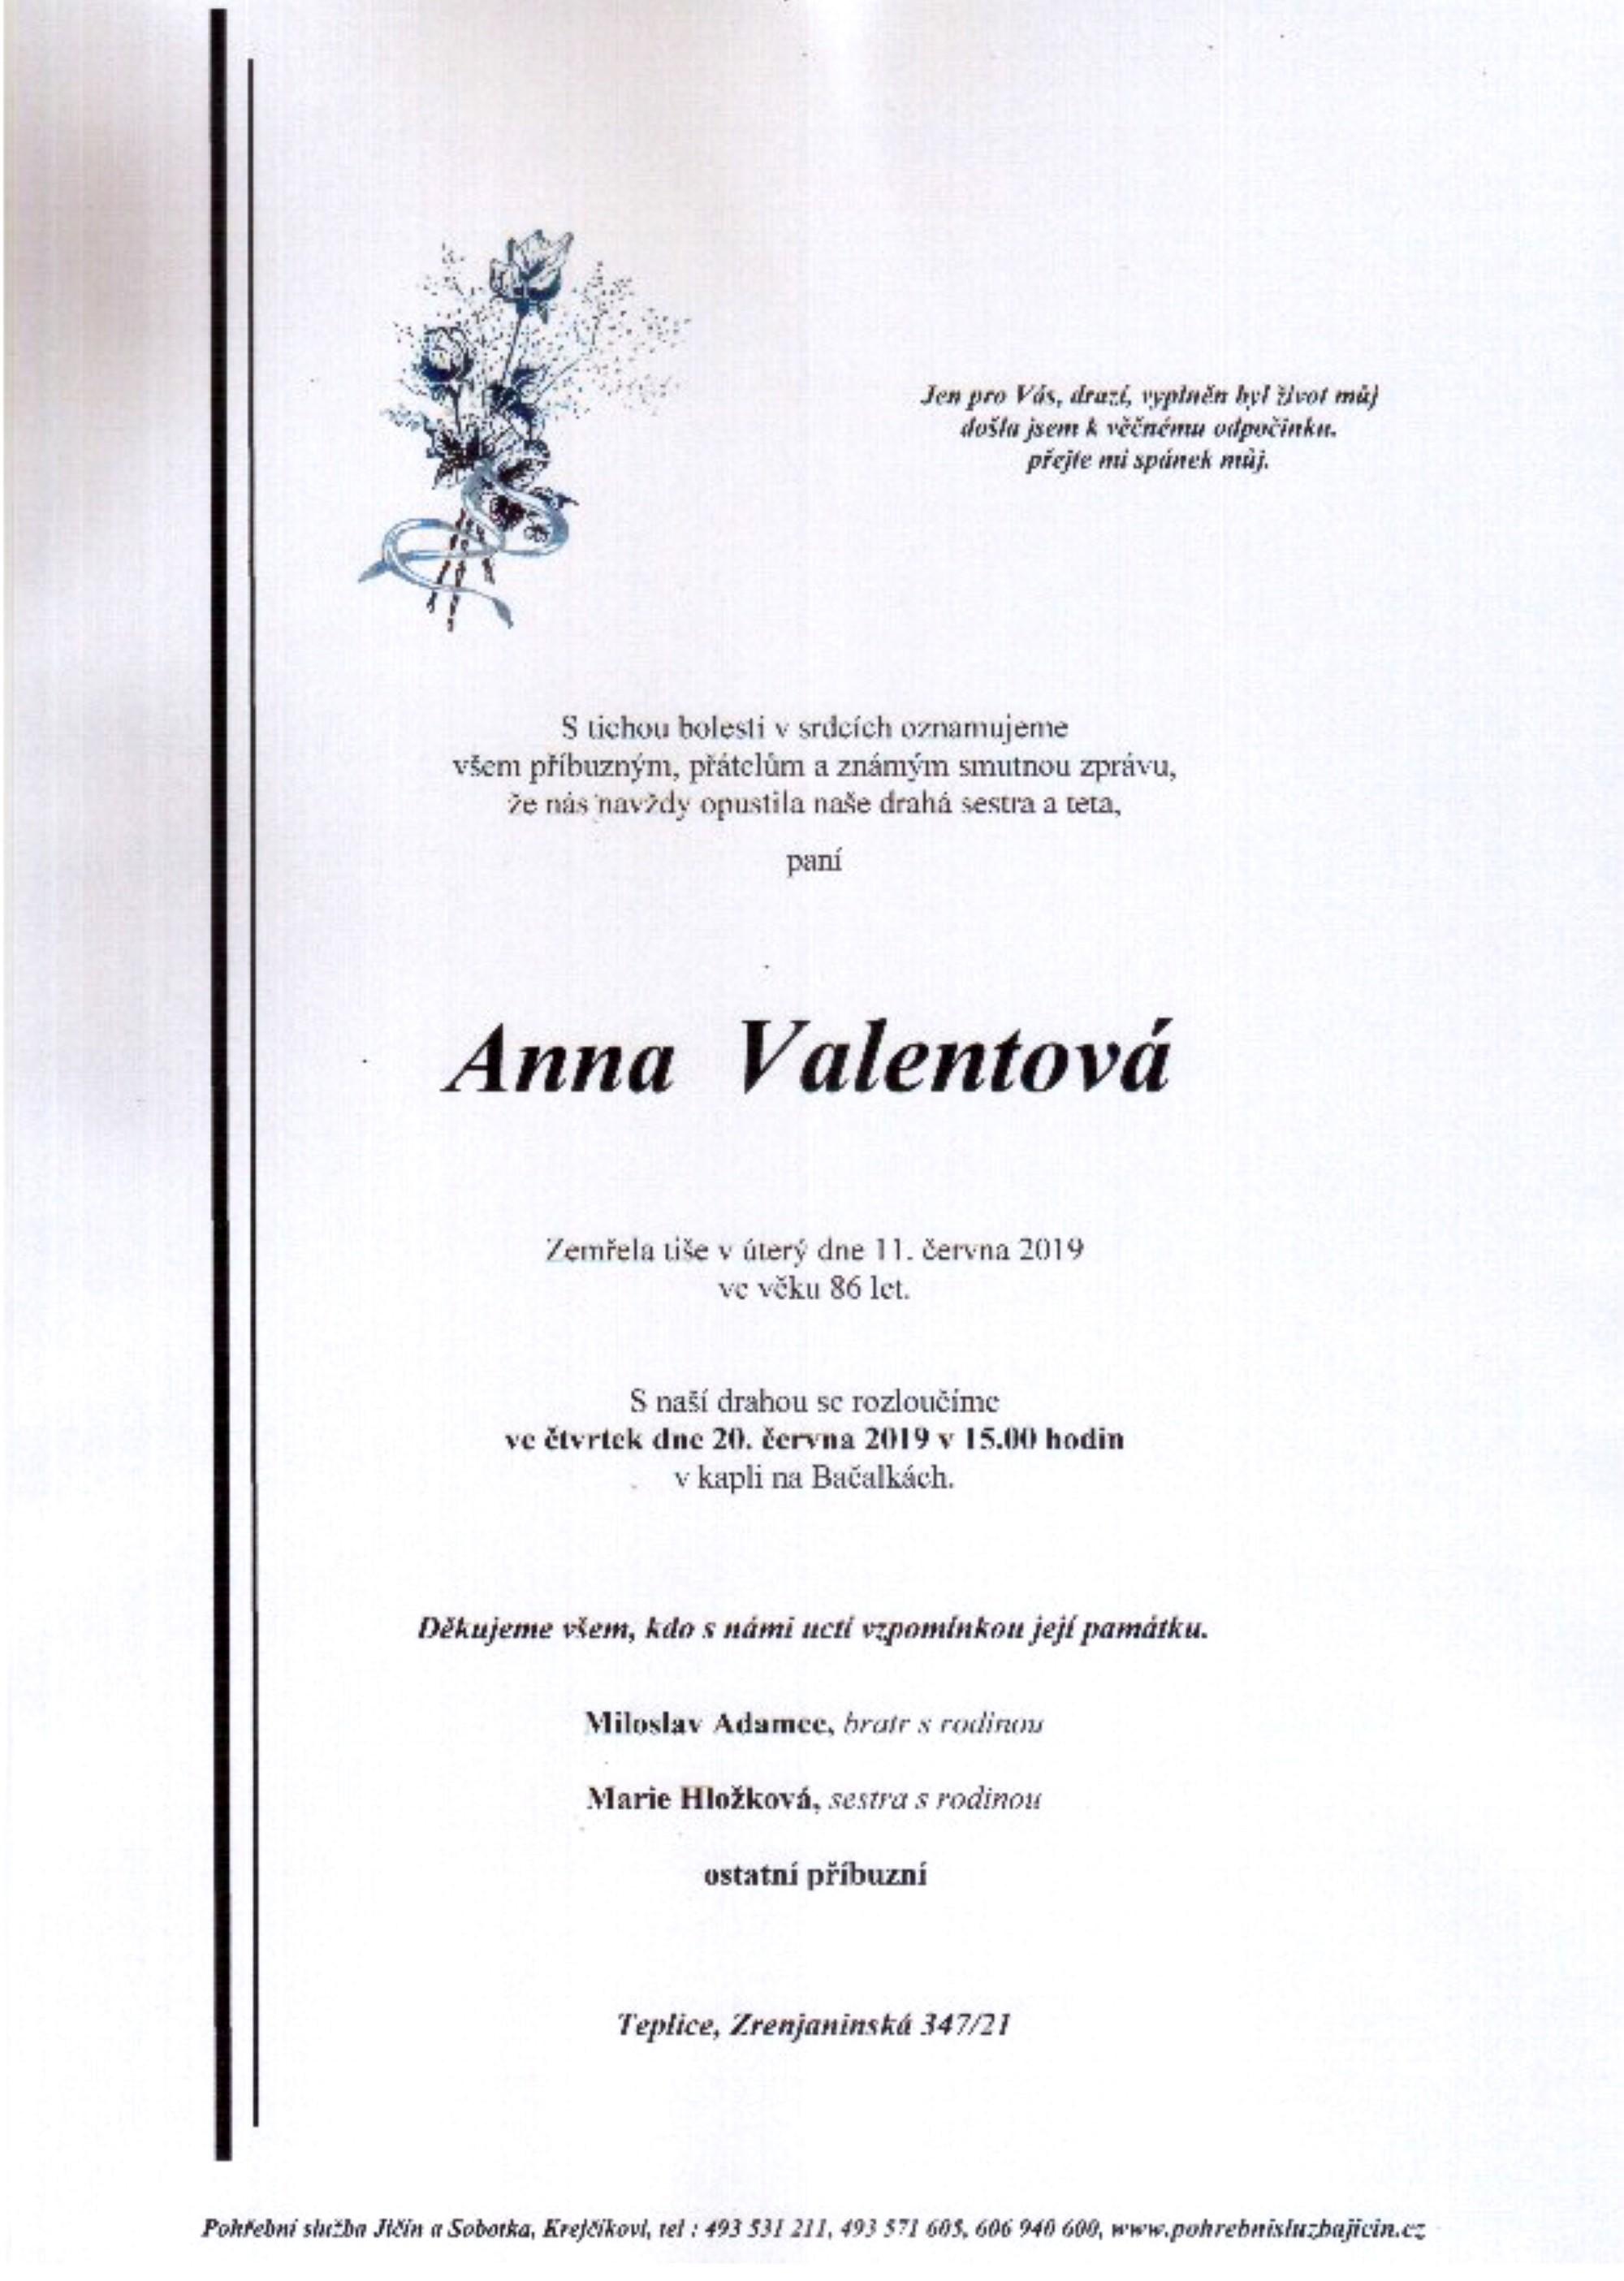 Anna Valentová